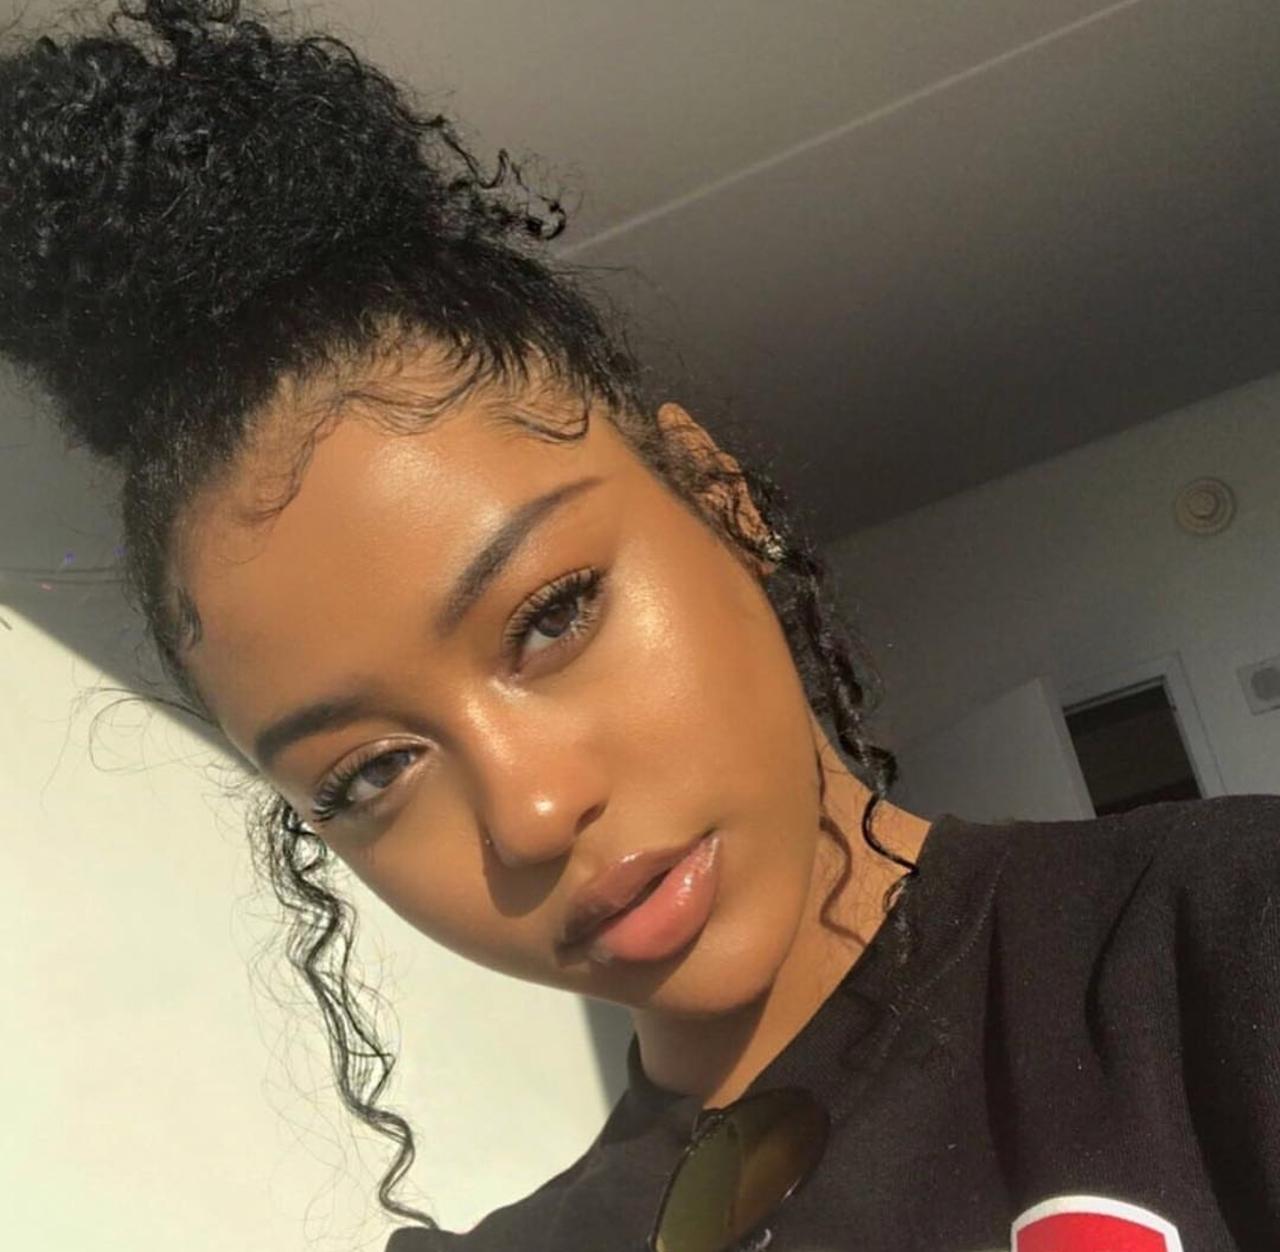 Pretty black girl picture